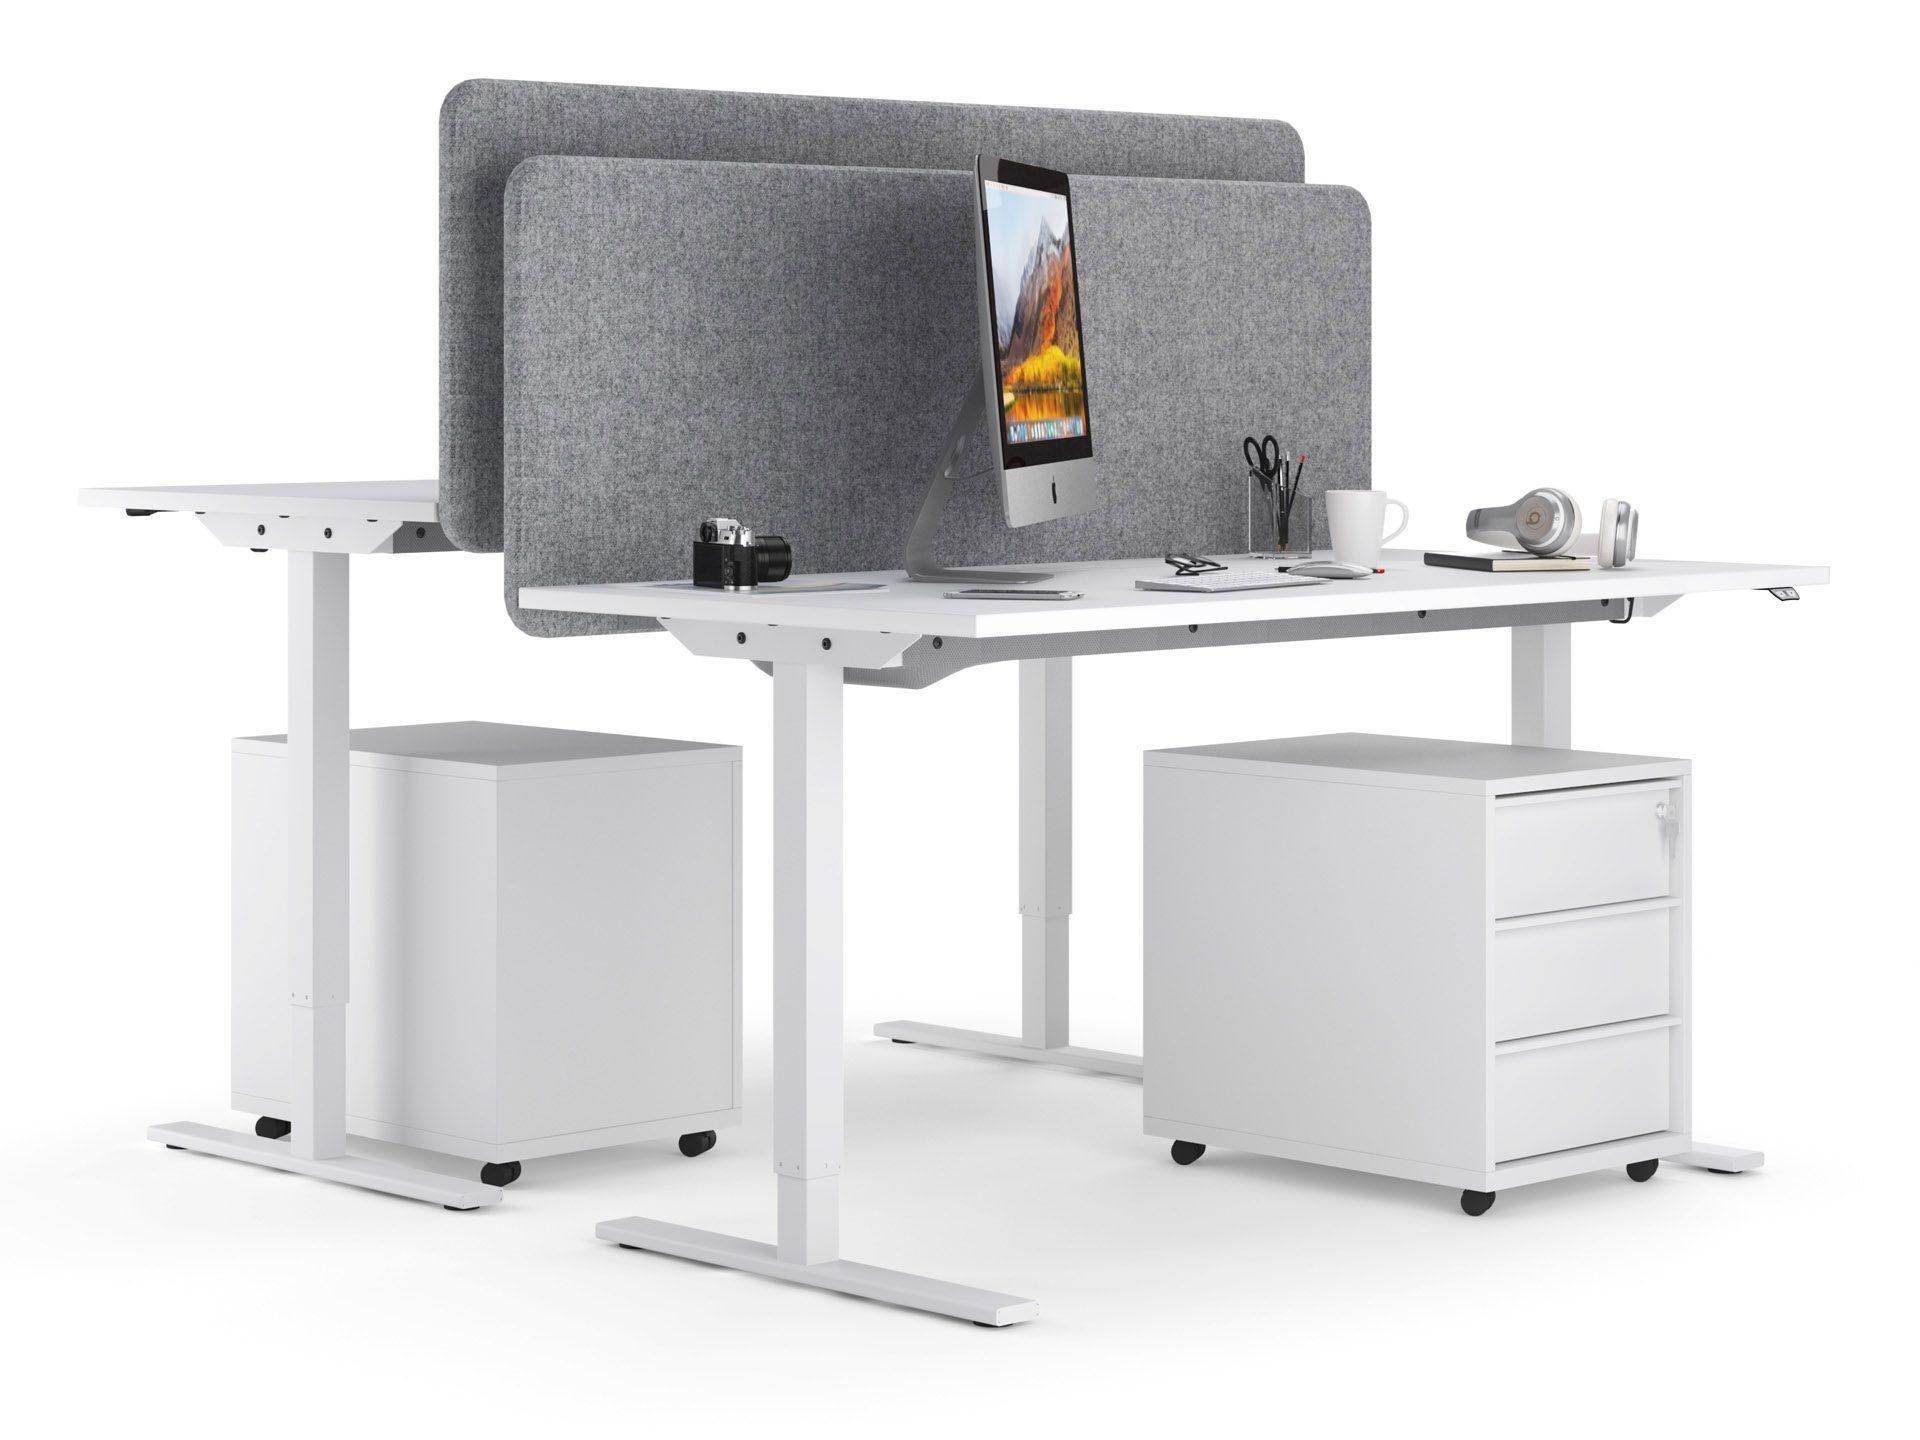 ONE H manuāli augstumā regulējams galds ar akustistiskajām starpsienām